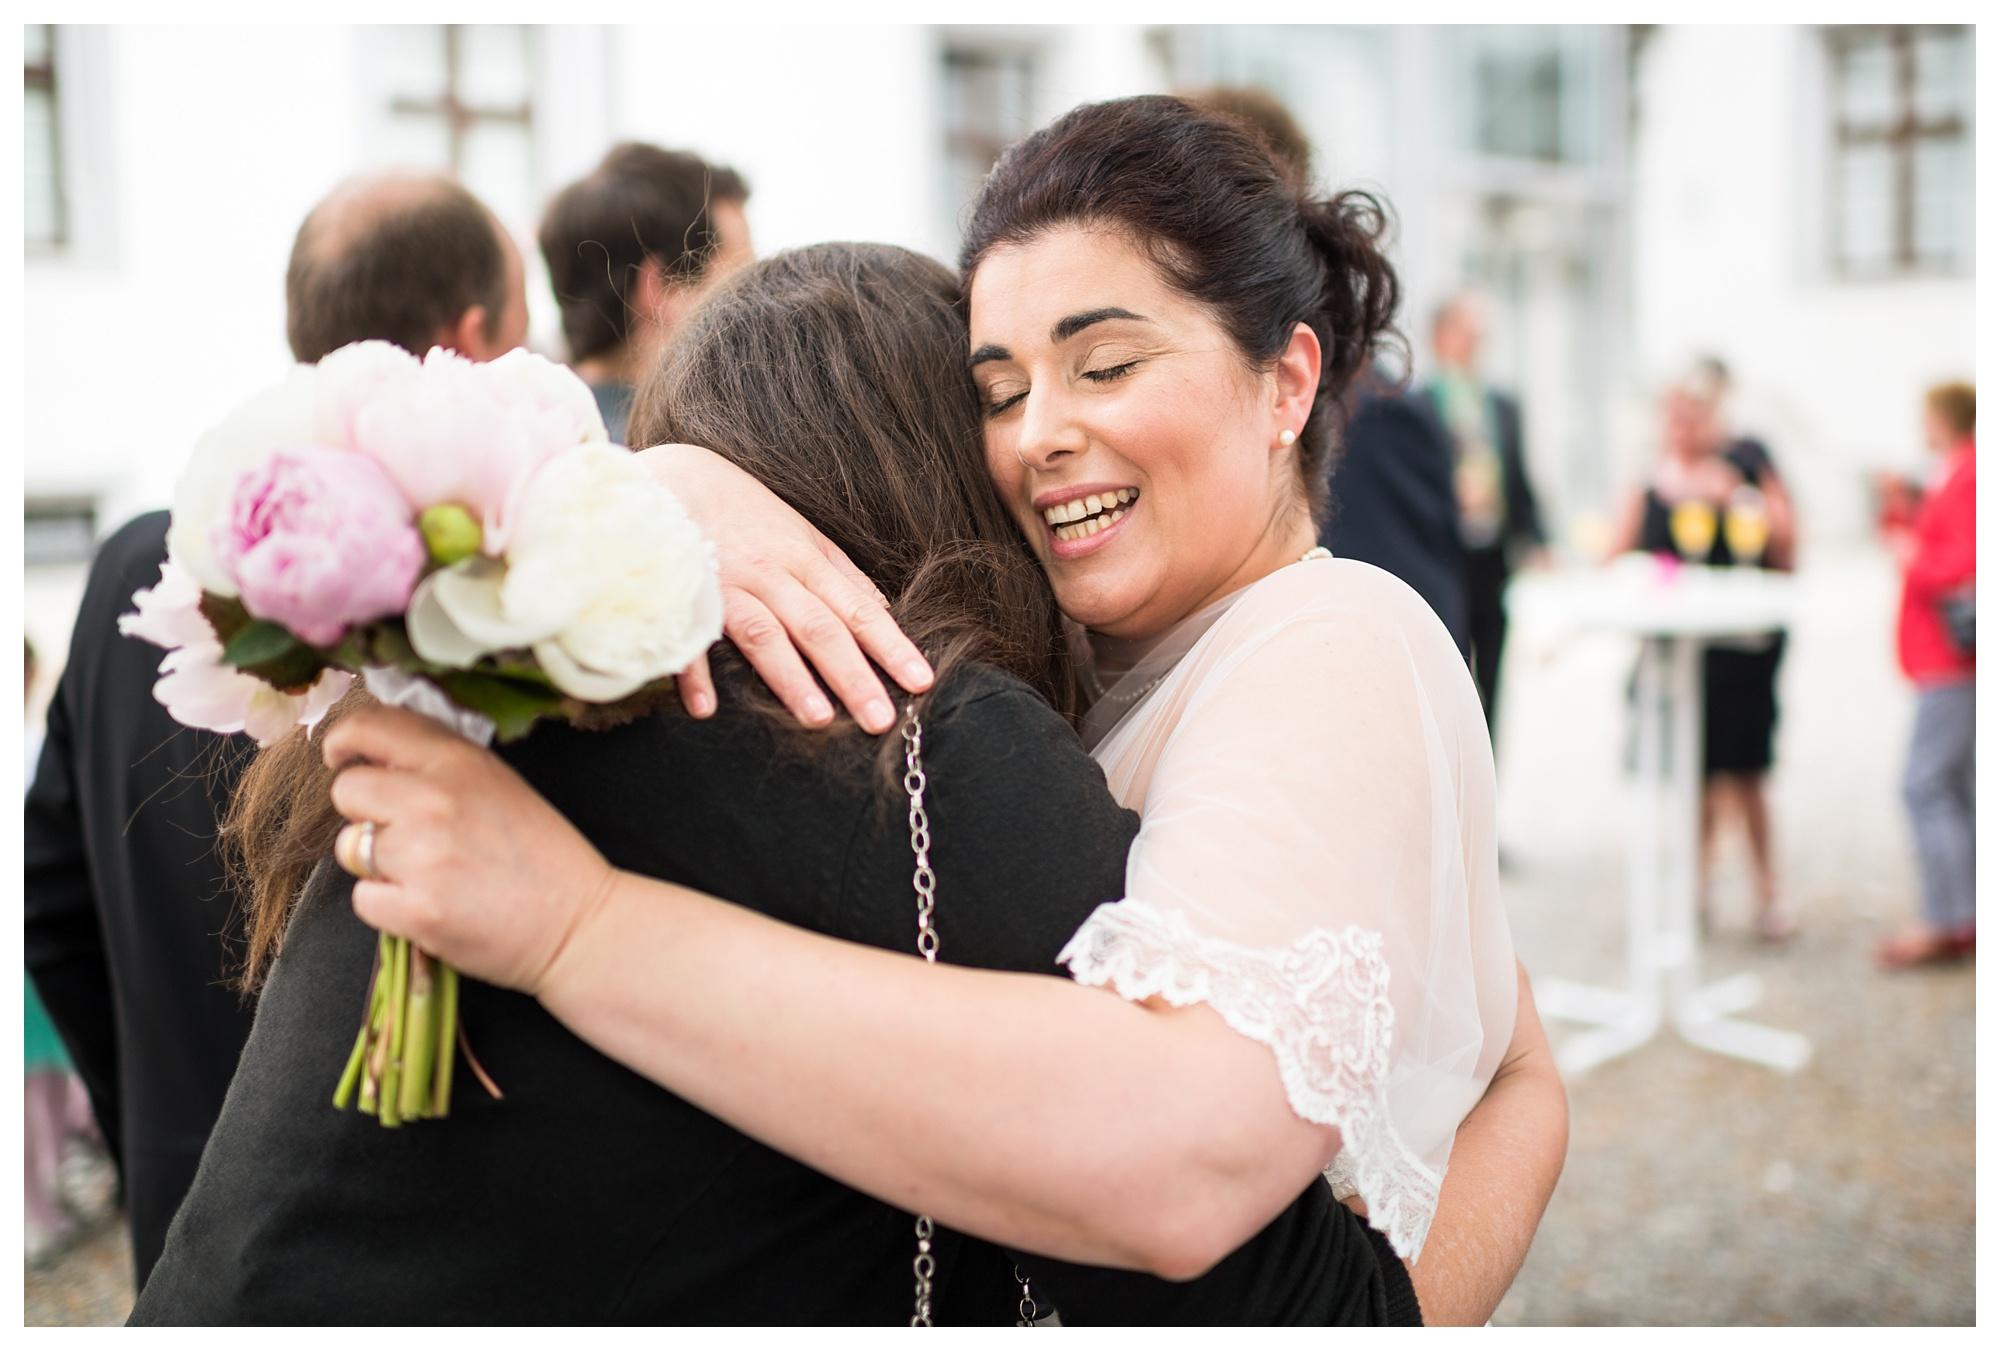 Fotograf Konstanz - Hochzeit Tanja Elmar Elmar Feuerbacher Photography Konstanz Messkirch Highlights 048 - Hochzeitsreportage von Tanja und Elmar im Schloss Meßkirch  - 152 -